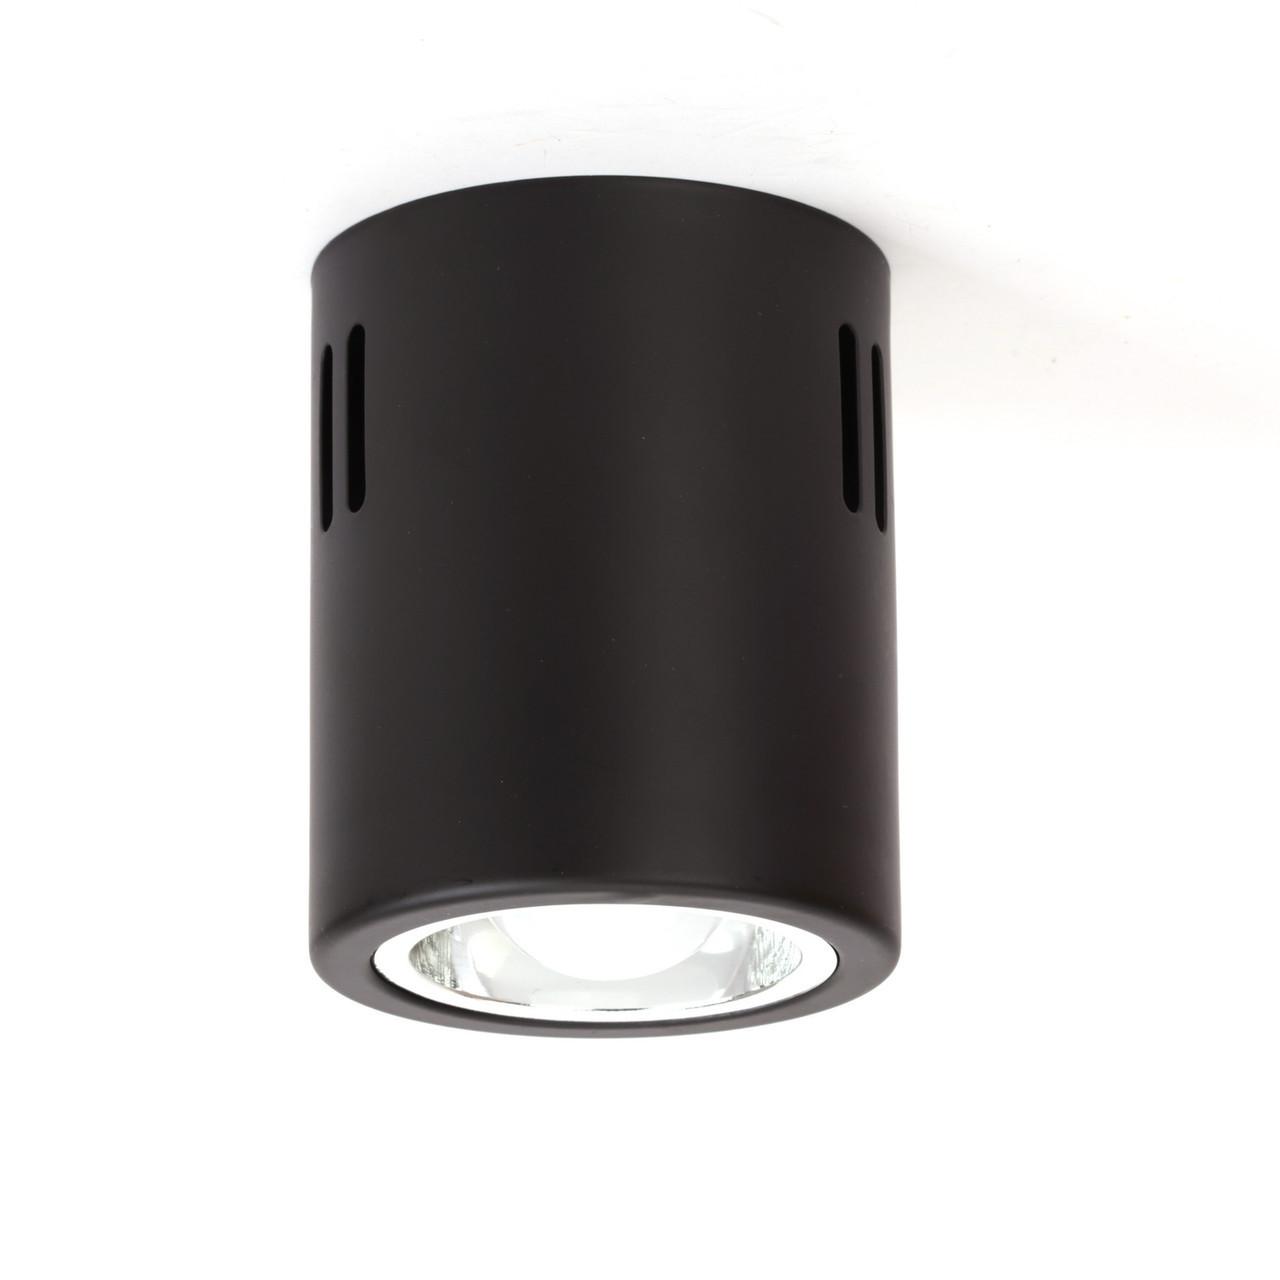 Накладной светодиодный светильник LD-7W LED  E27(в комплекте), потолочный цилиндр, черный